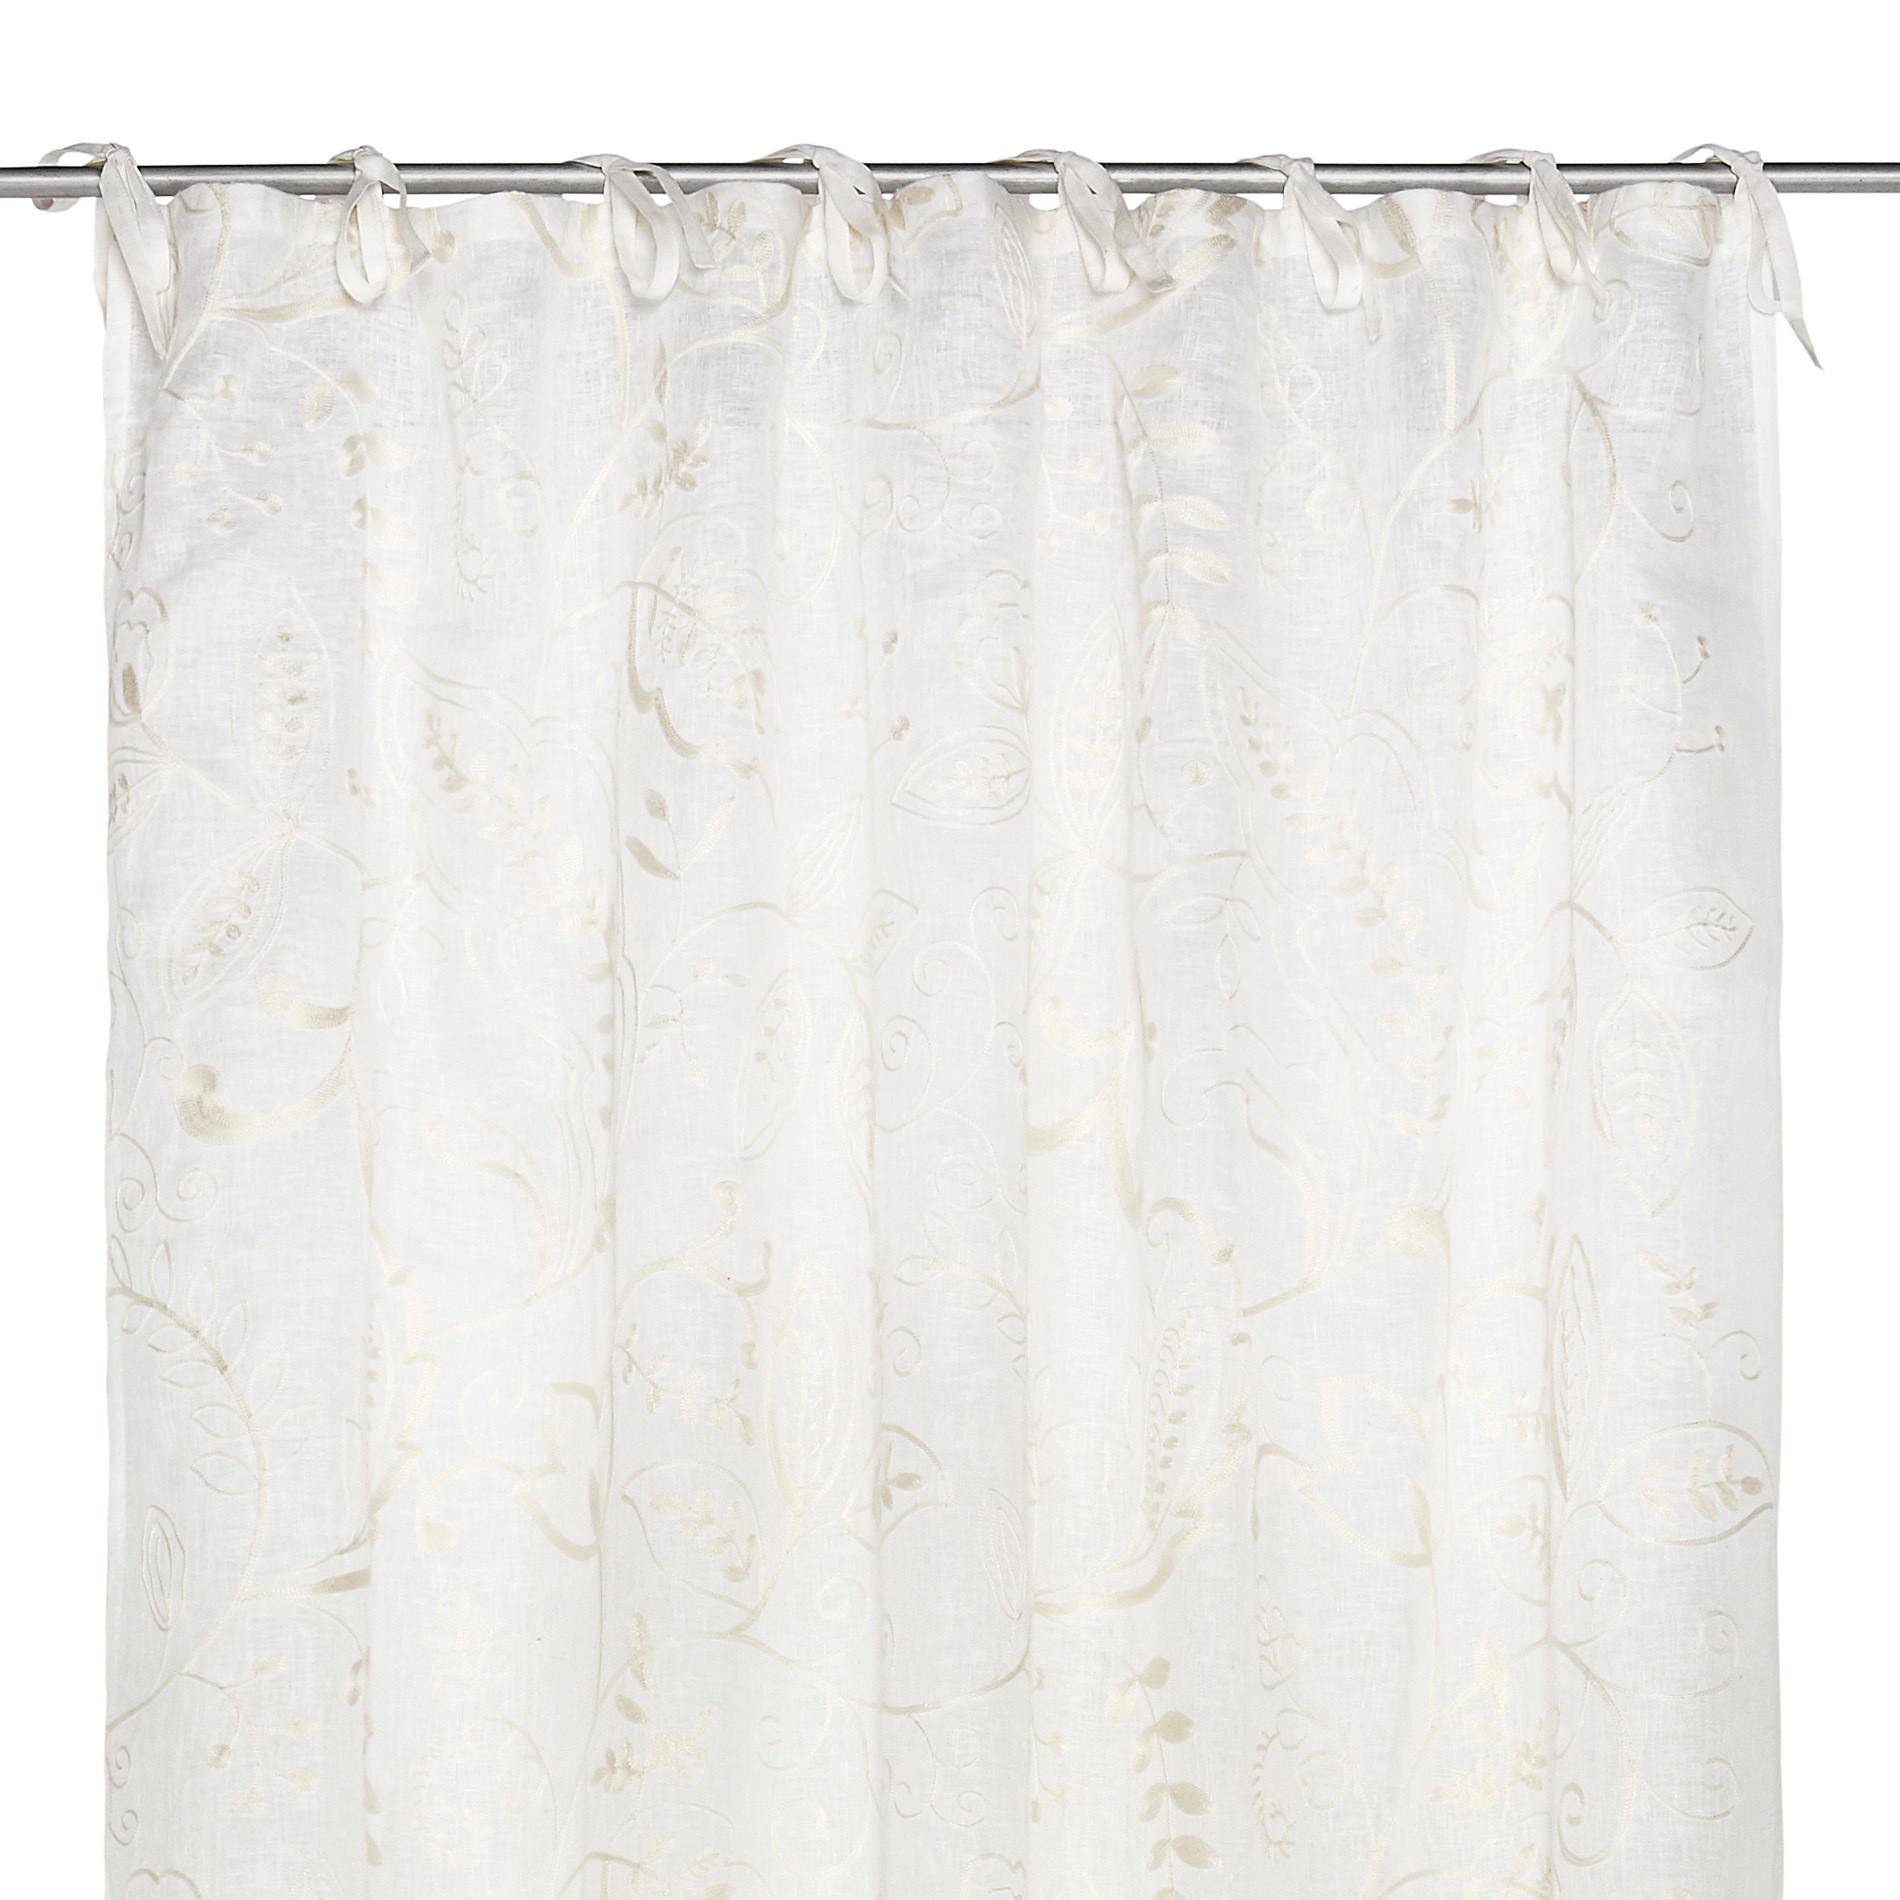 Tenda puro lino ricami floreali, Bianco, large image number 3